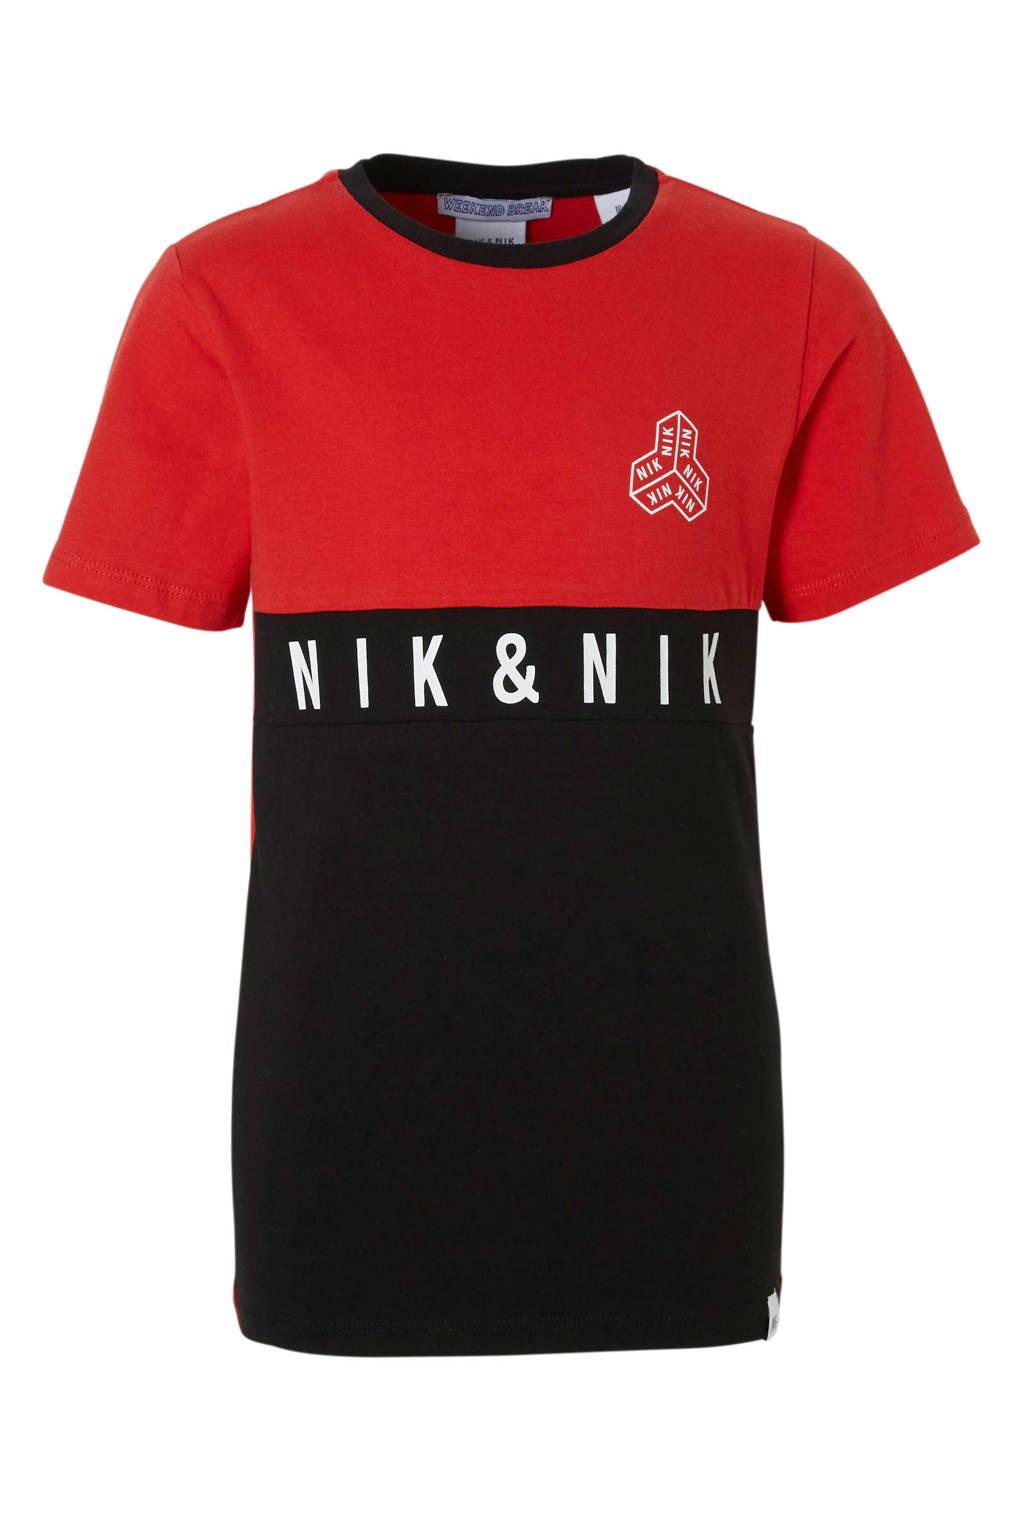 NIK&NIK T-shirt met logo Joshua rood/zwart, Rood/zwart